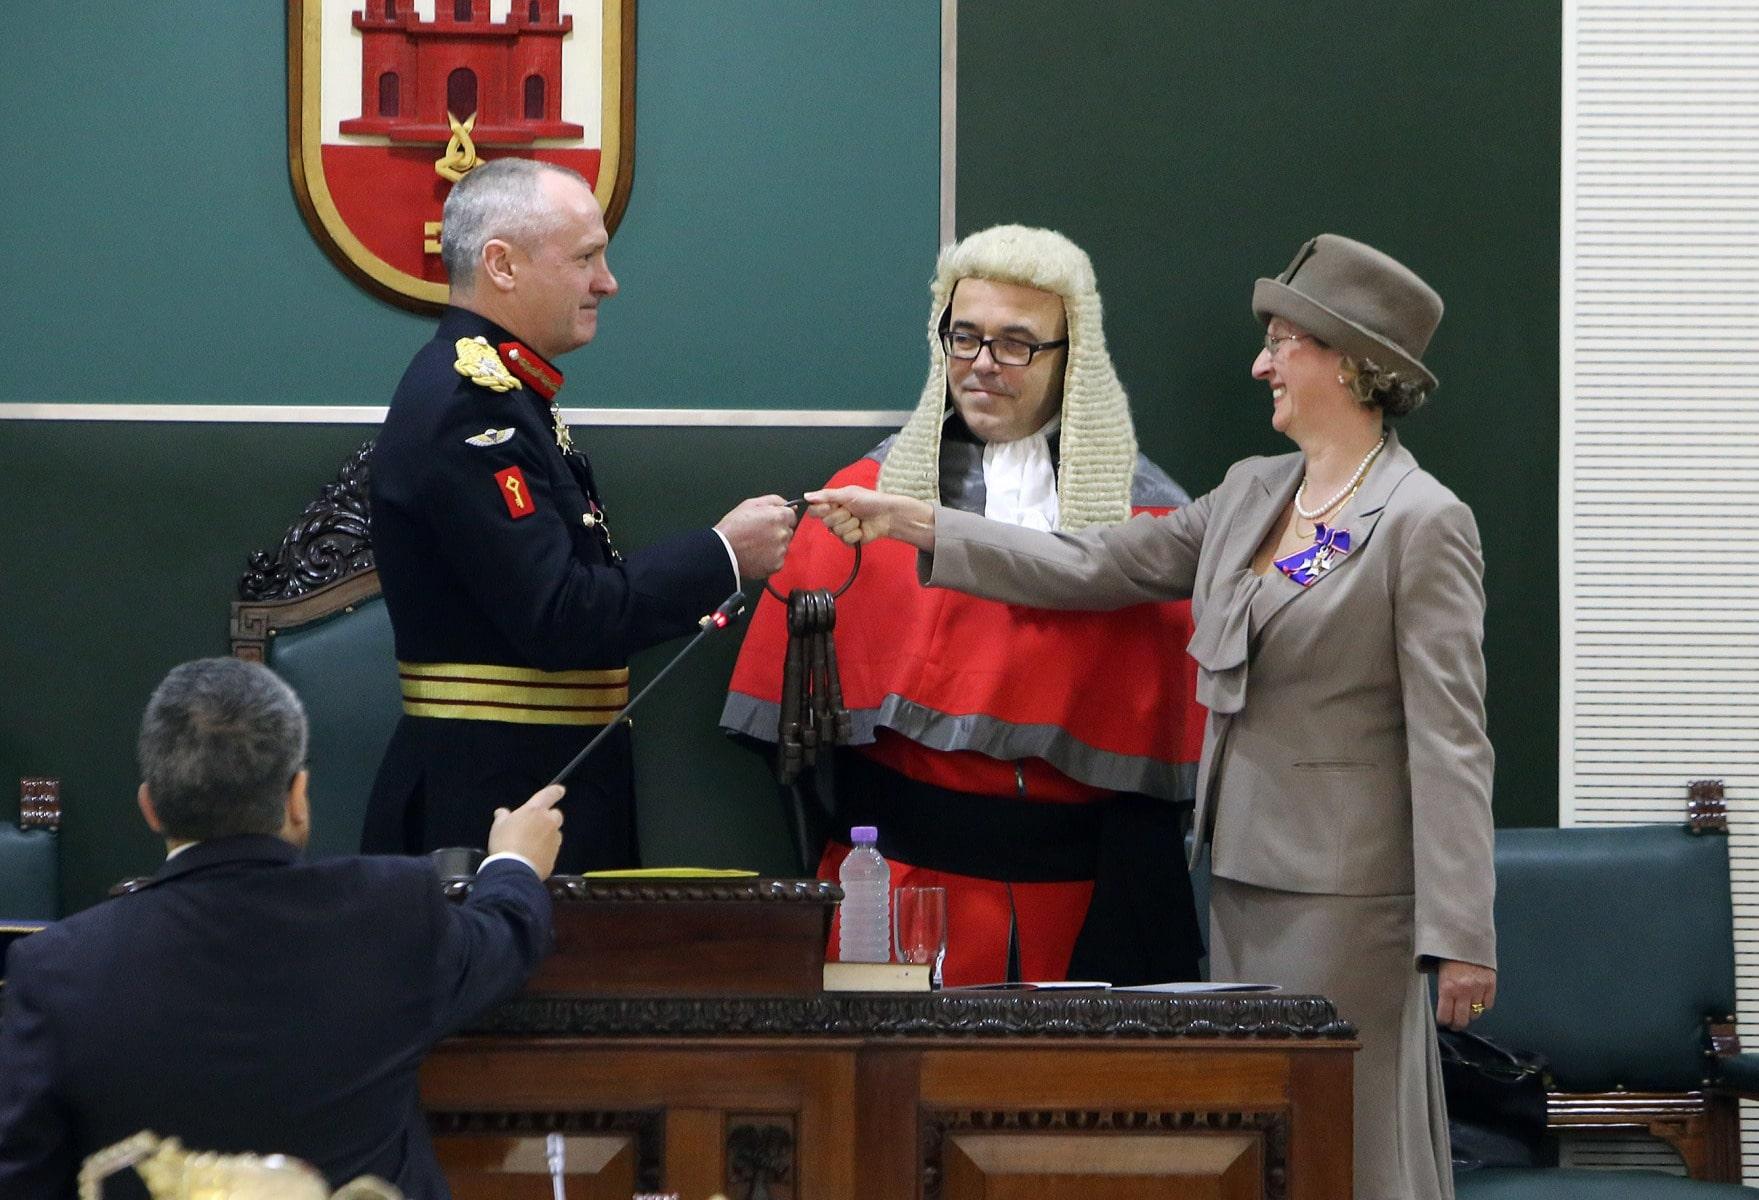 gobernador-de-gibraltar-edward-davis_23868808314_o